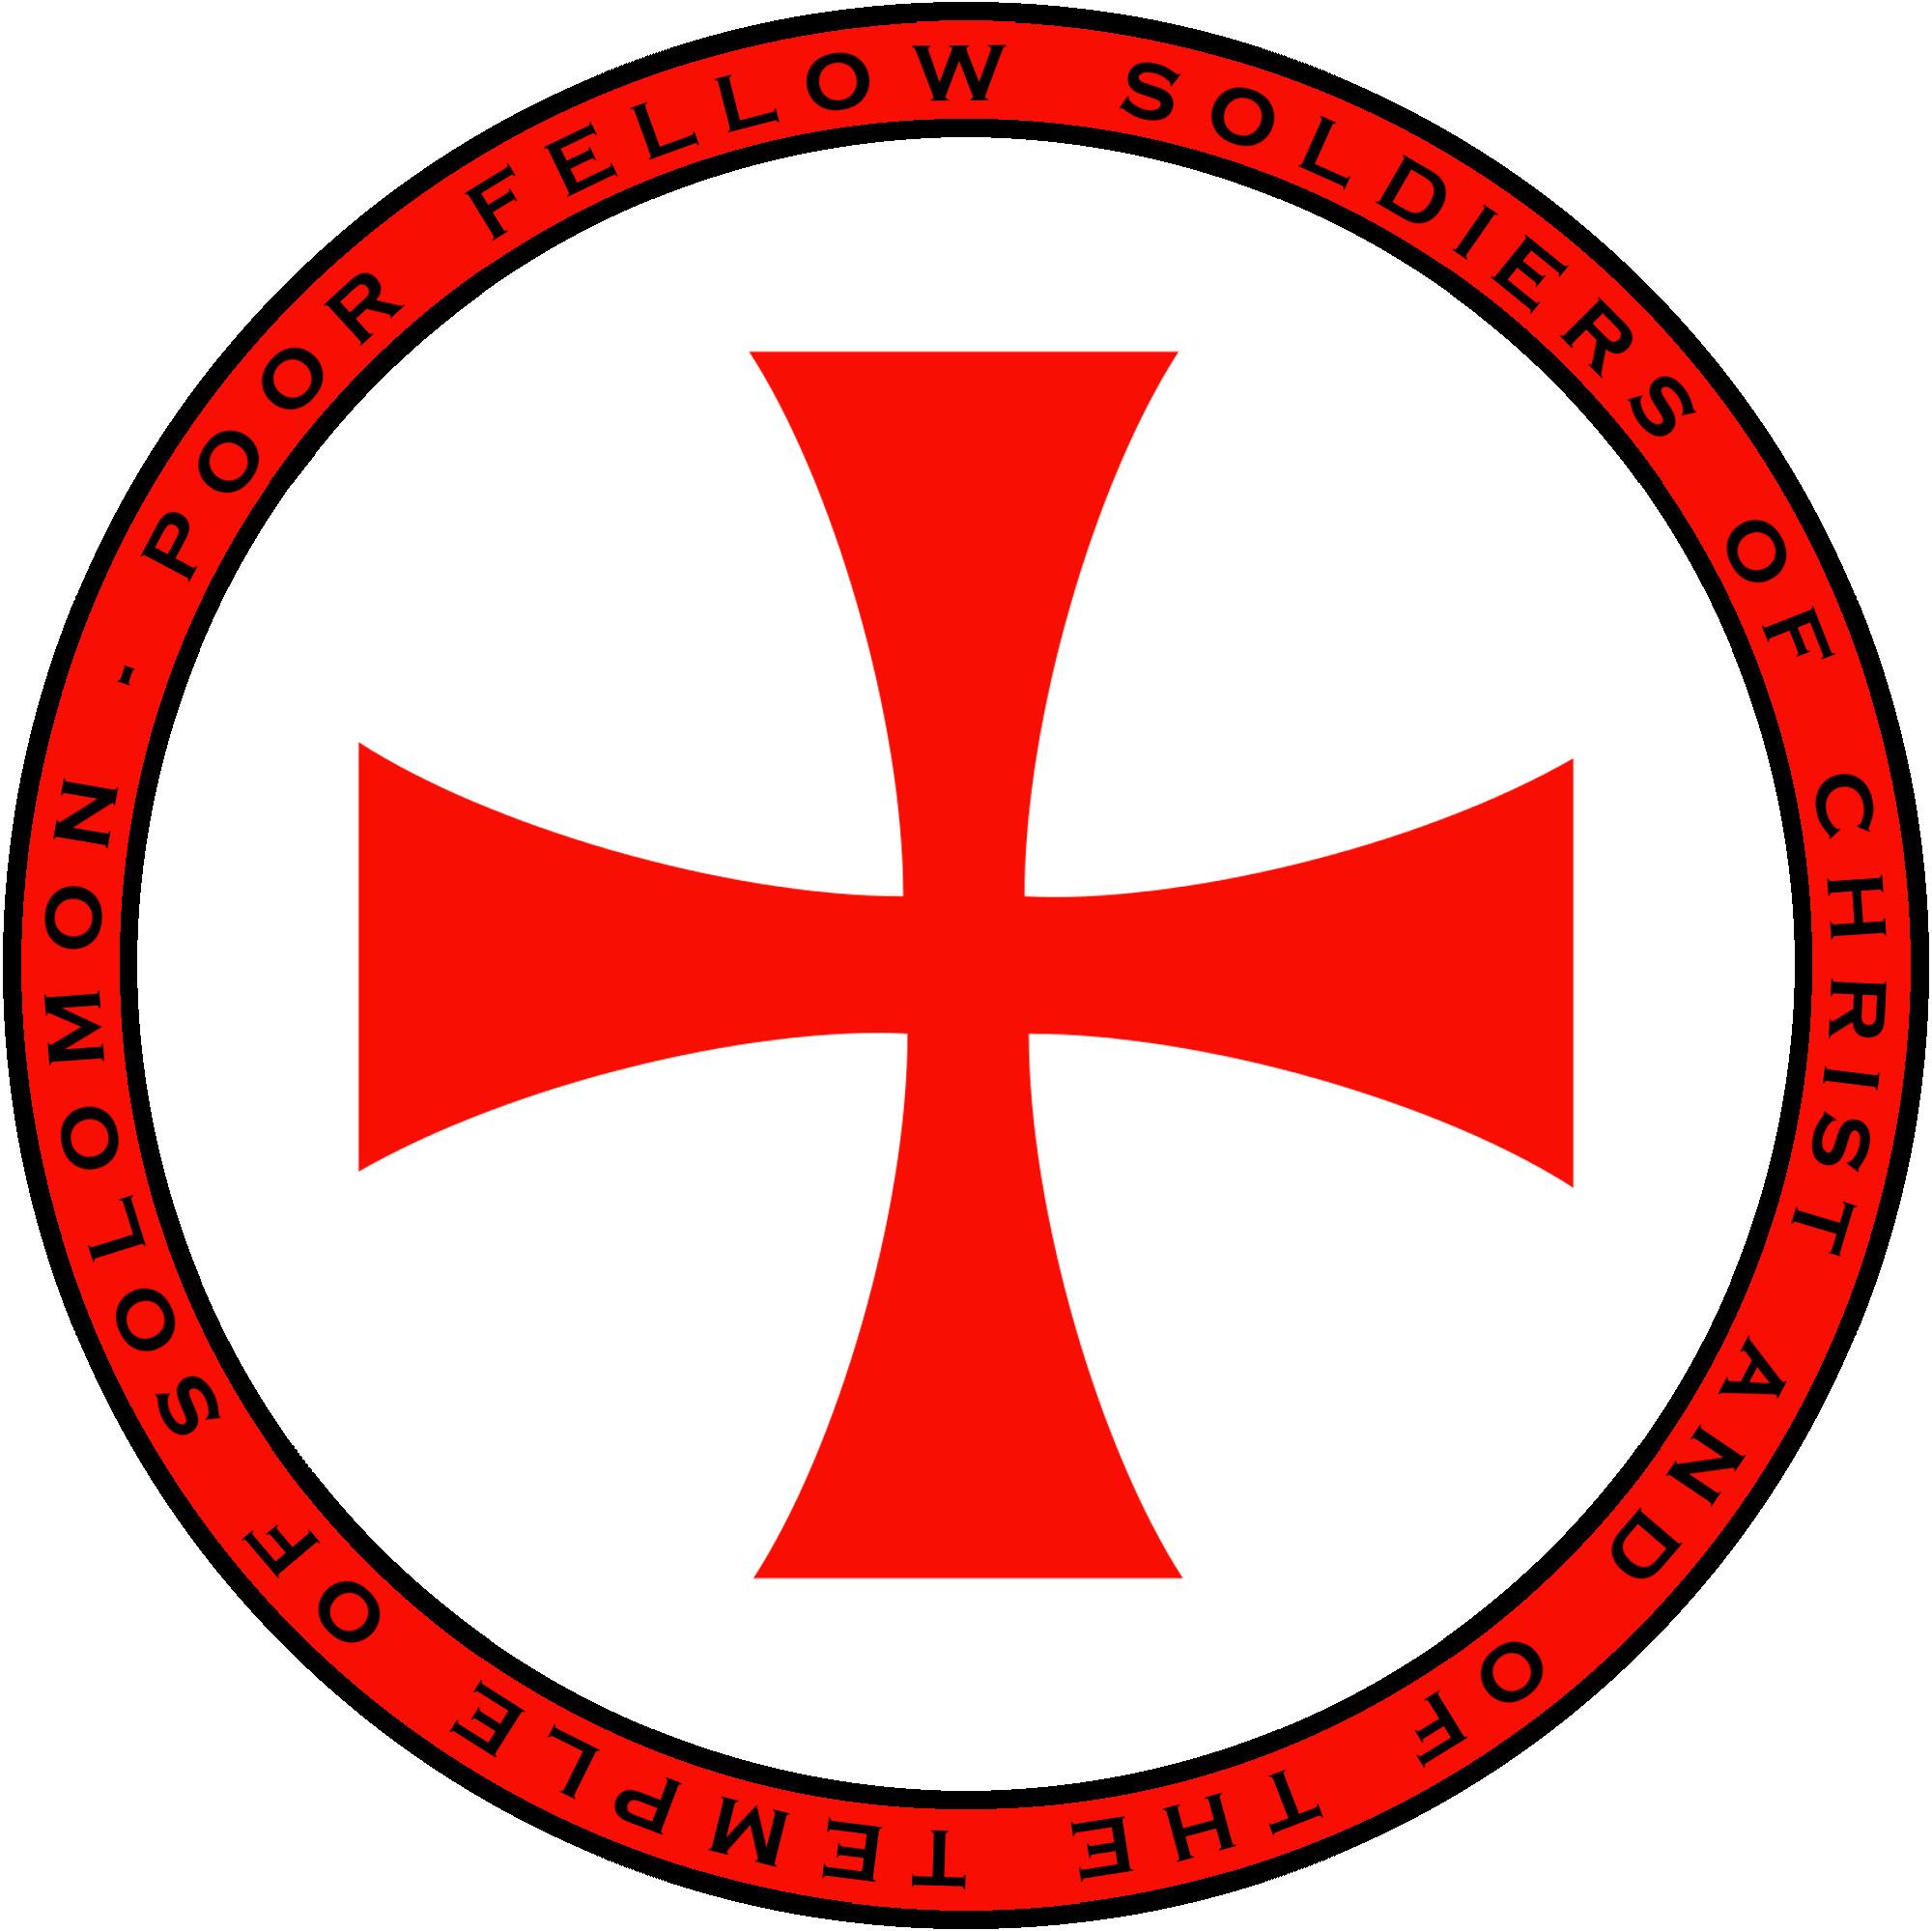 Knights Templar Round